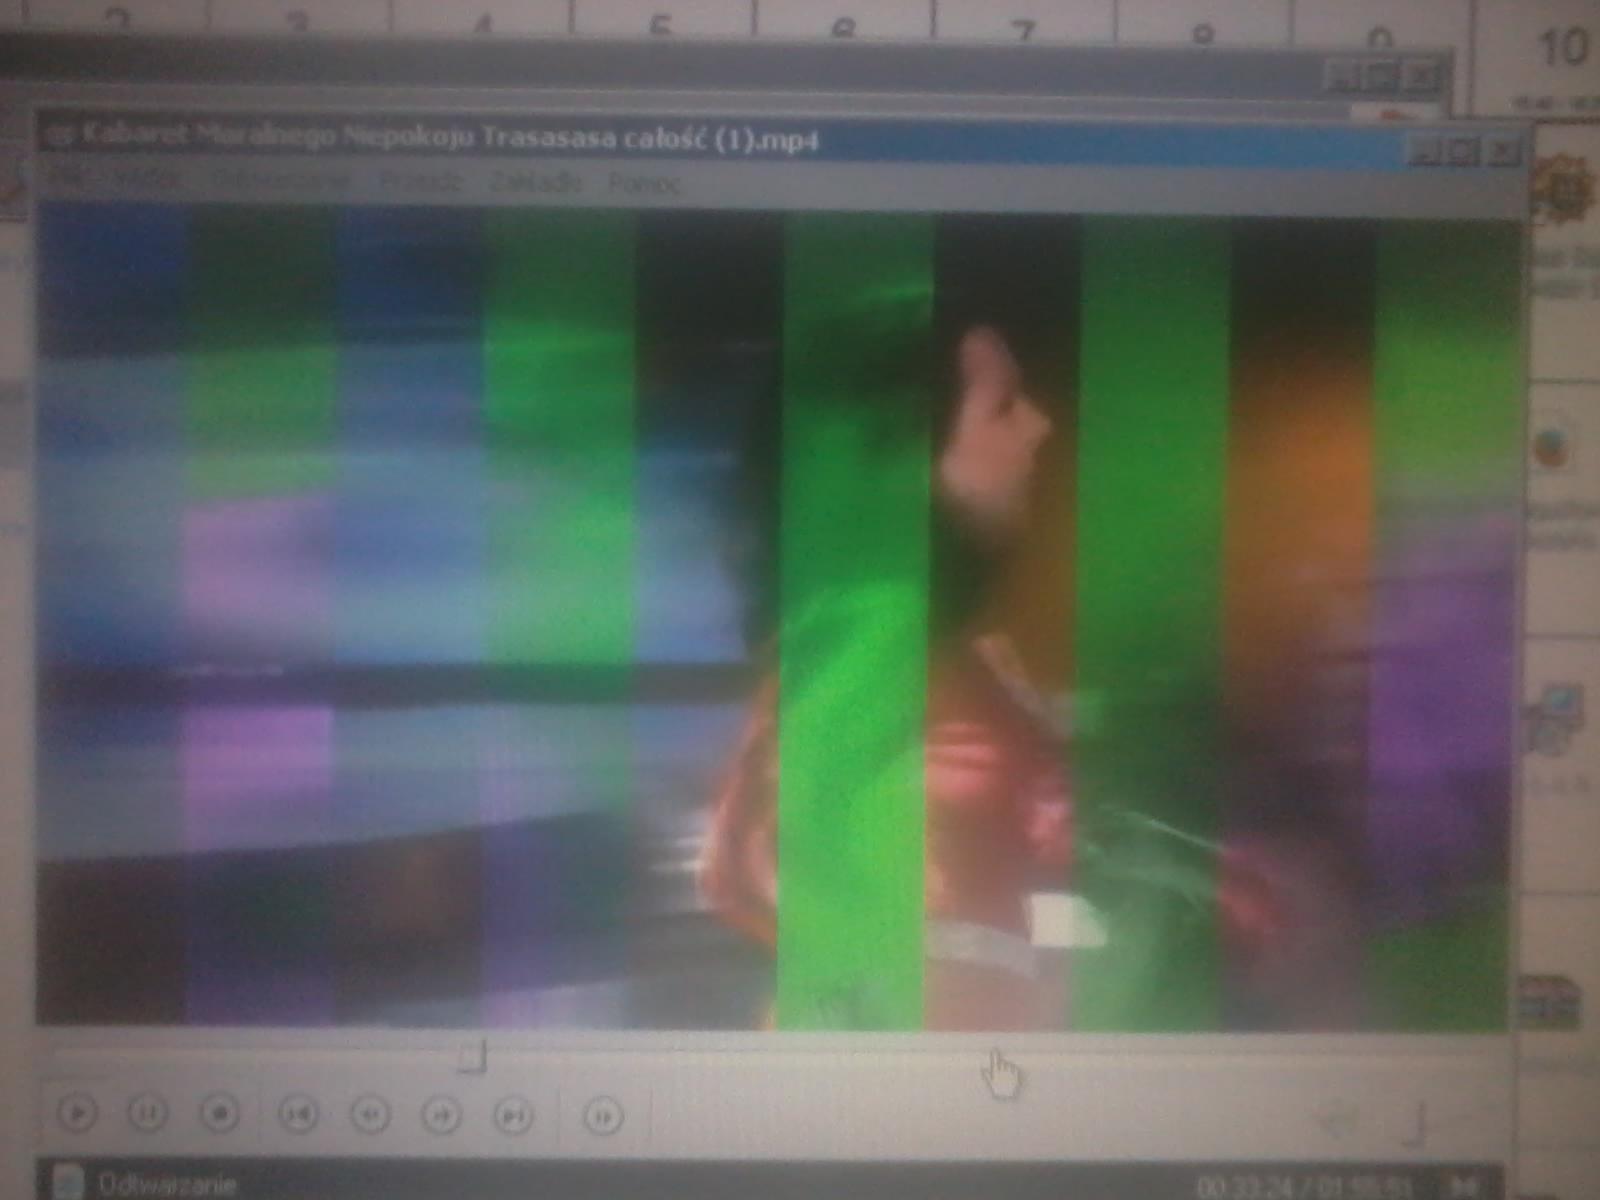 Artefakty podczas ogl�dania film�w na lapku Acer Aspire 3000